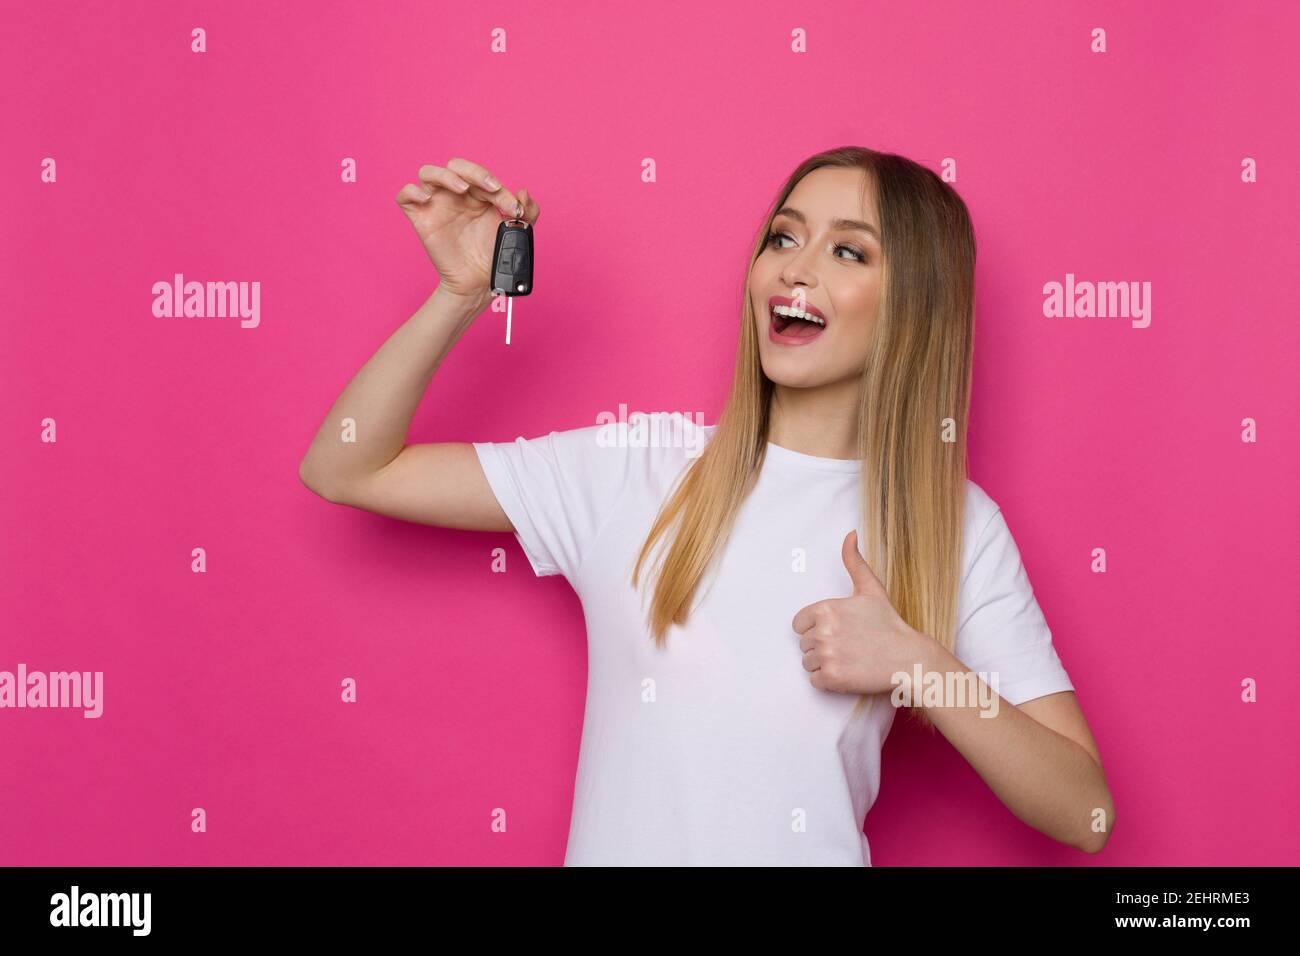 Mujer joven feliz en camisa blanca está sosteniendo la llave del coche, mostrando el pulgar hacia arriba y hablando. Estudio de cintura arriba sobre fondo rosa. Foto de stock